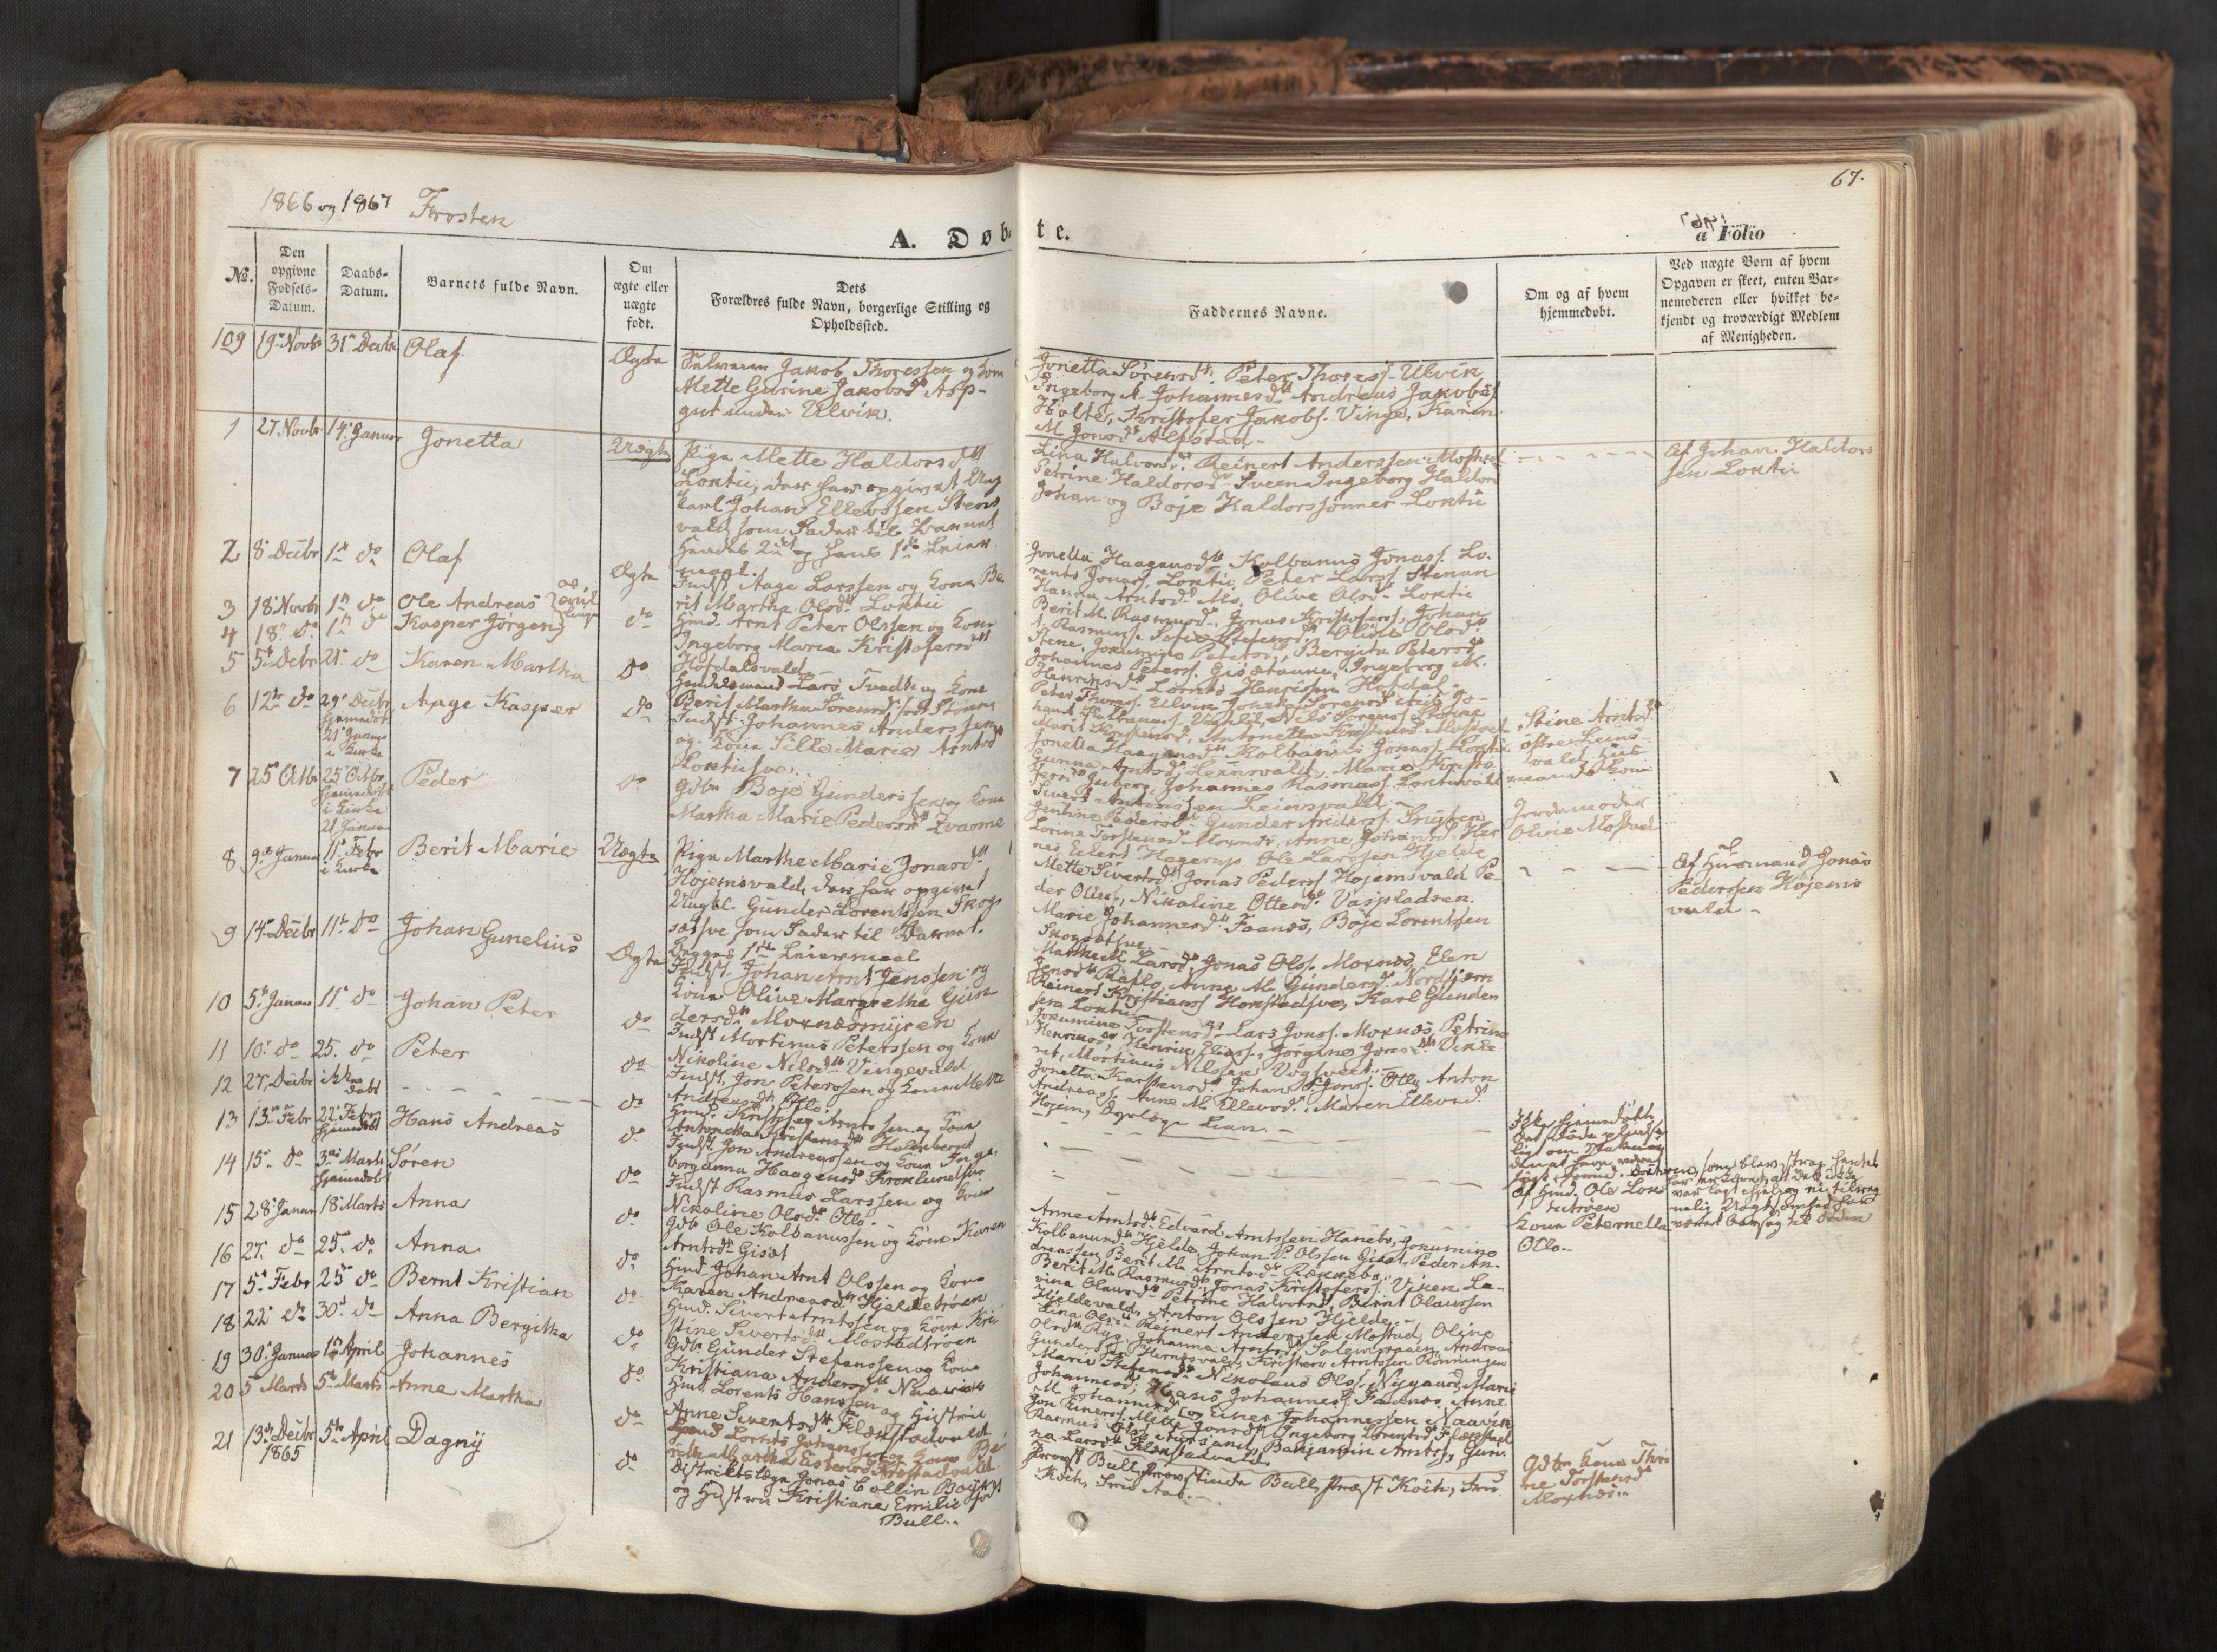 SAT, Ministerialprotokoller, klokkerbøker og fødselsregistre - Nord-Trøndelag, 713/L0116: Ministerialbok nr. 713A07, 1850-1877, s. 67